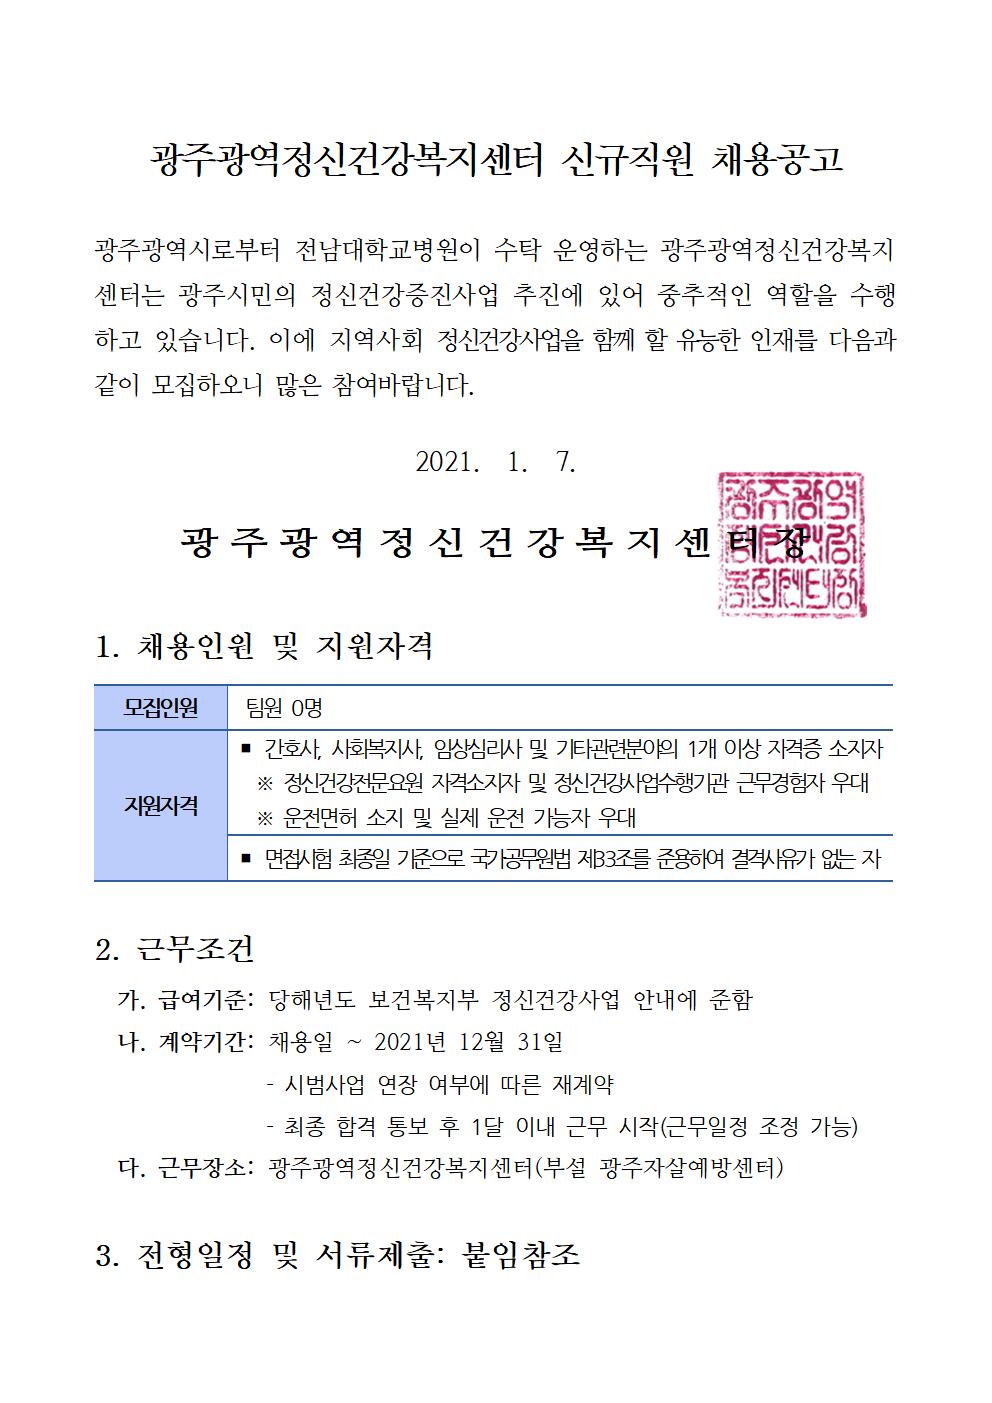 [공고] 광주광역정신건강복지센터 신규직원 채용공고001.png